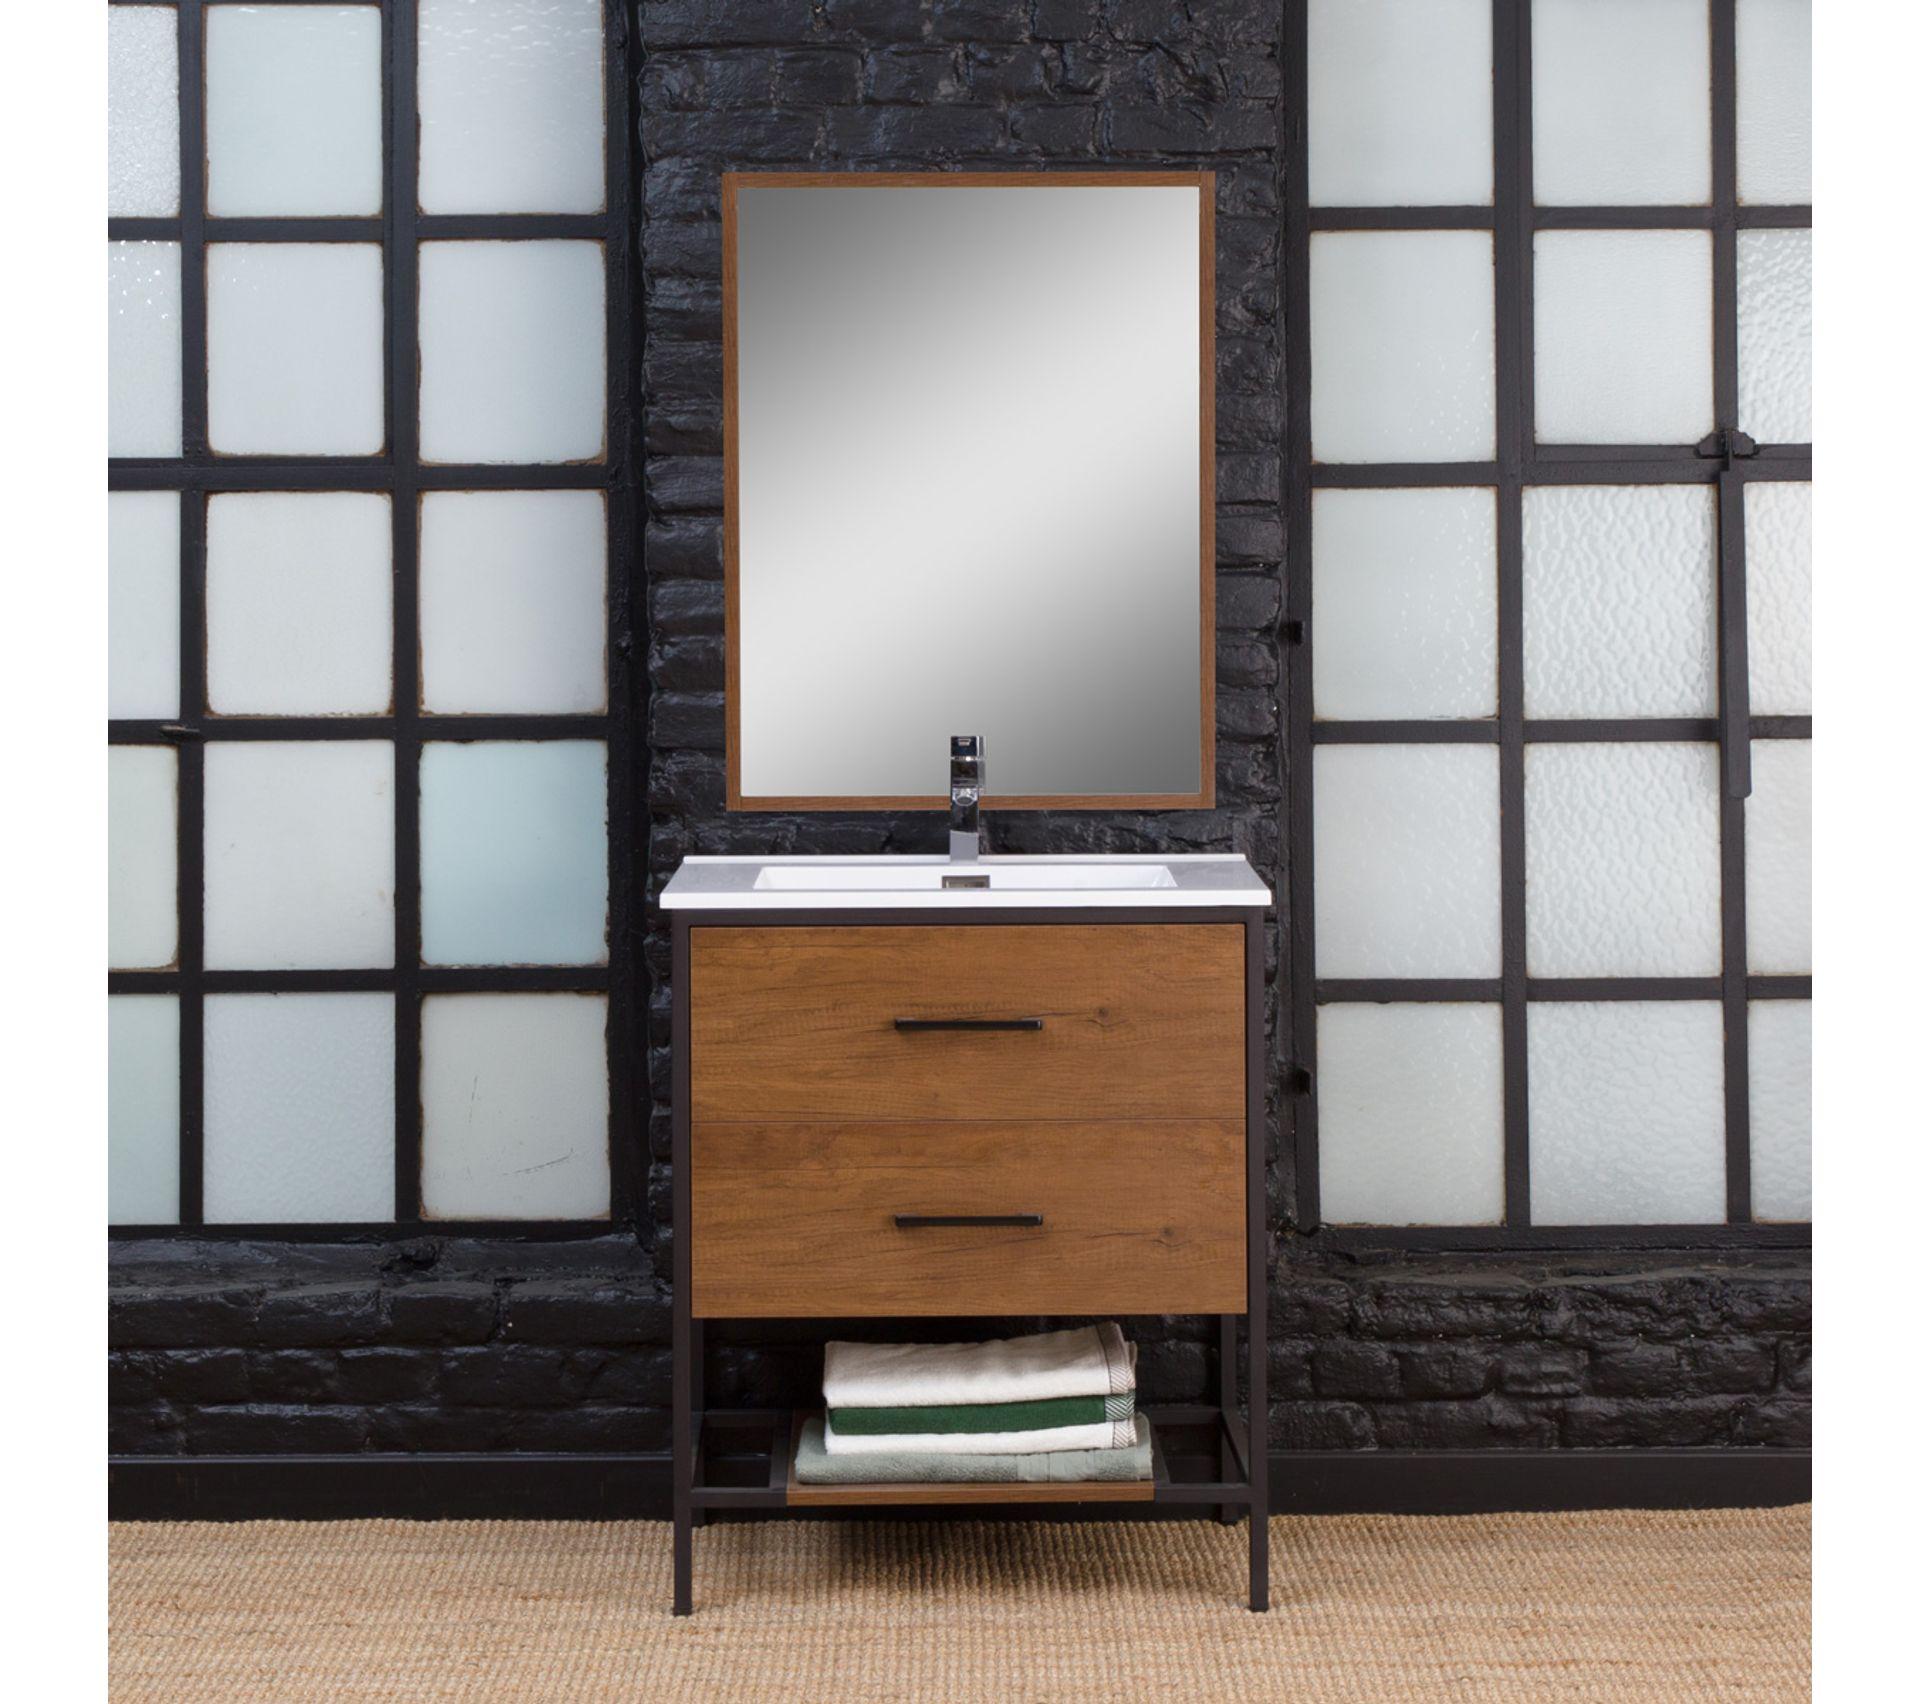 Salle De Bain Industrielle meuble salle de bain industriel 2 tiroirs, 1 vasque - petit modèle